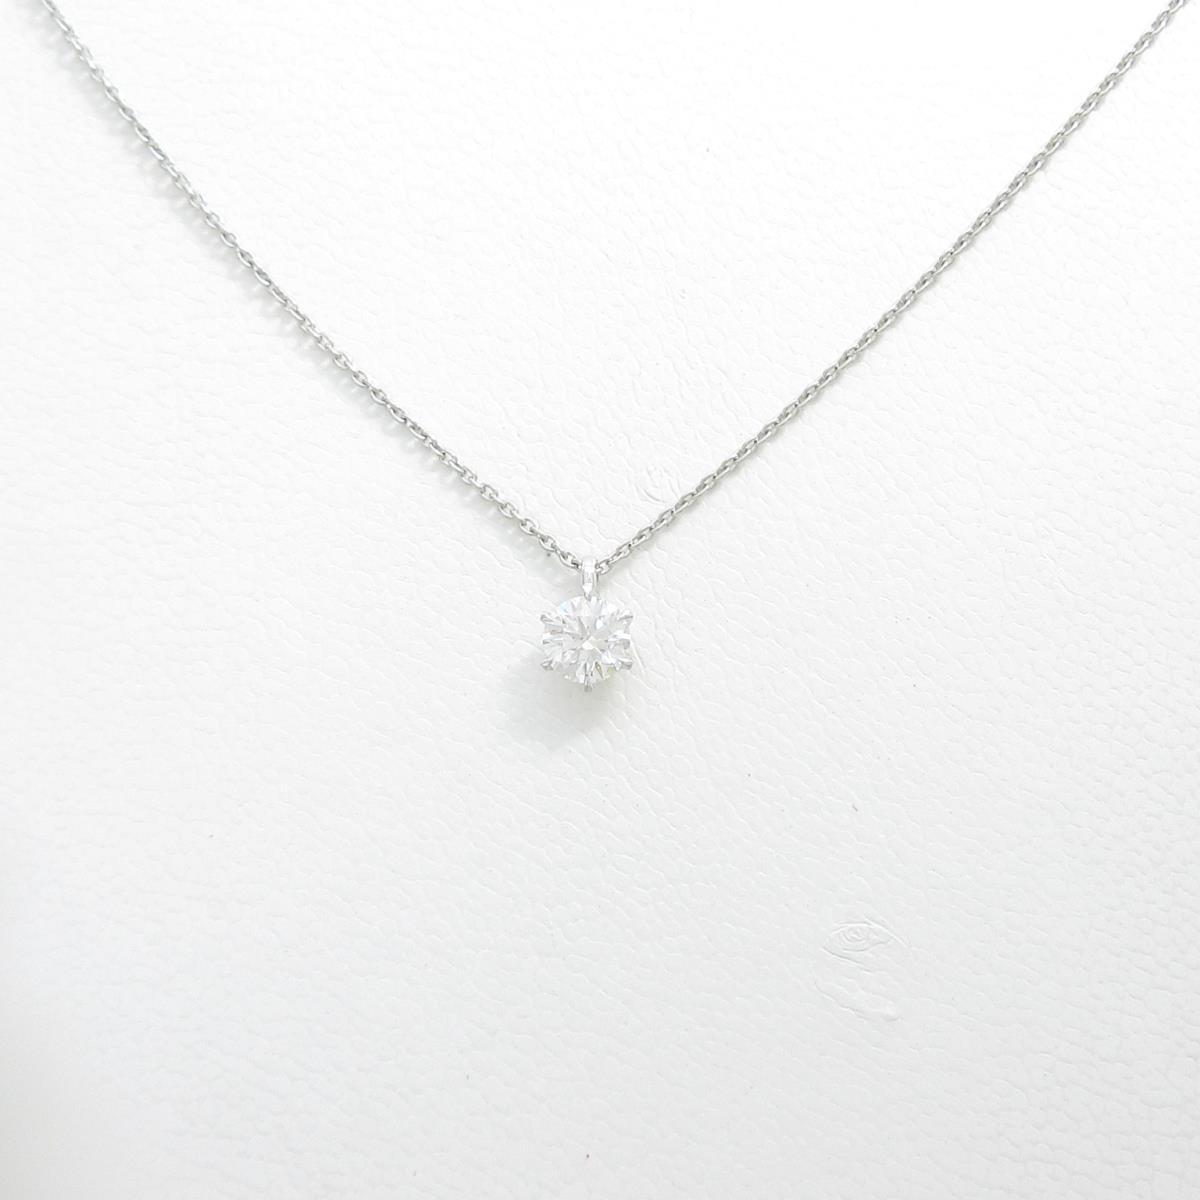 【リメイク】プラチナダイヤモンドネックレス 0.321ct・D・VS2・EXT H&C【中古】